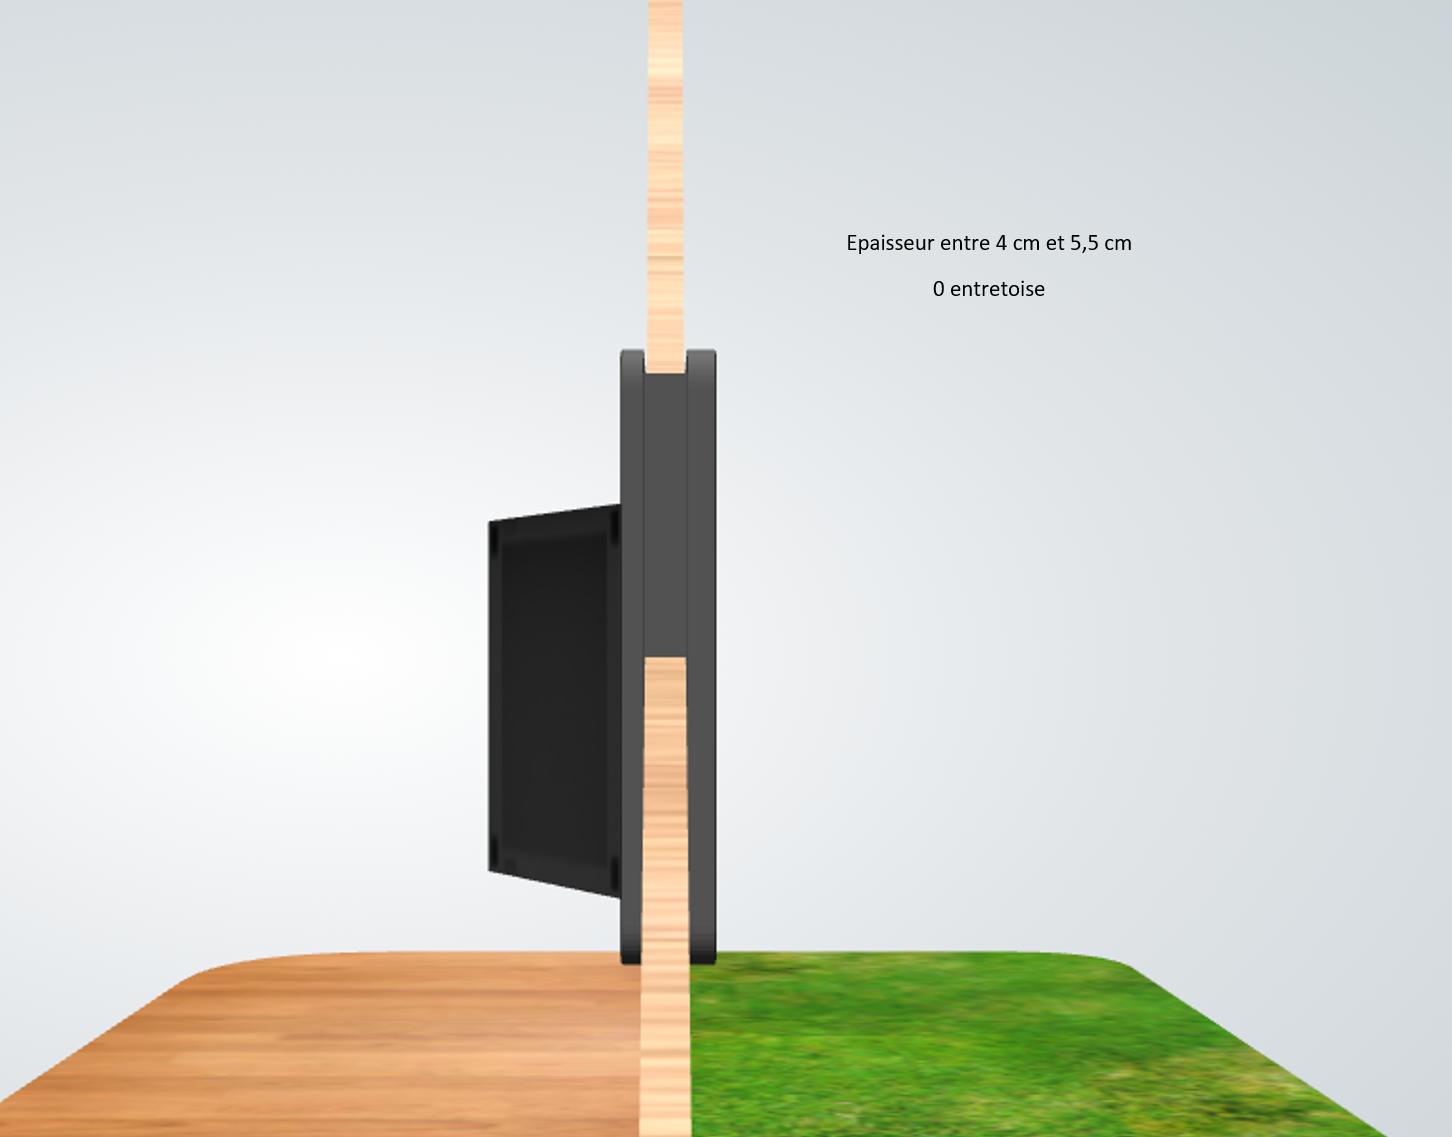 porte automatique odomestic entretoise épaisseur entre 4 cm et 5.5 cm